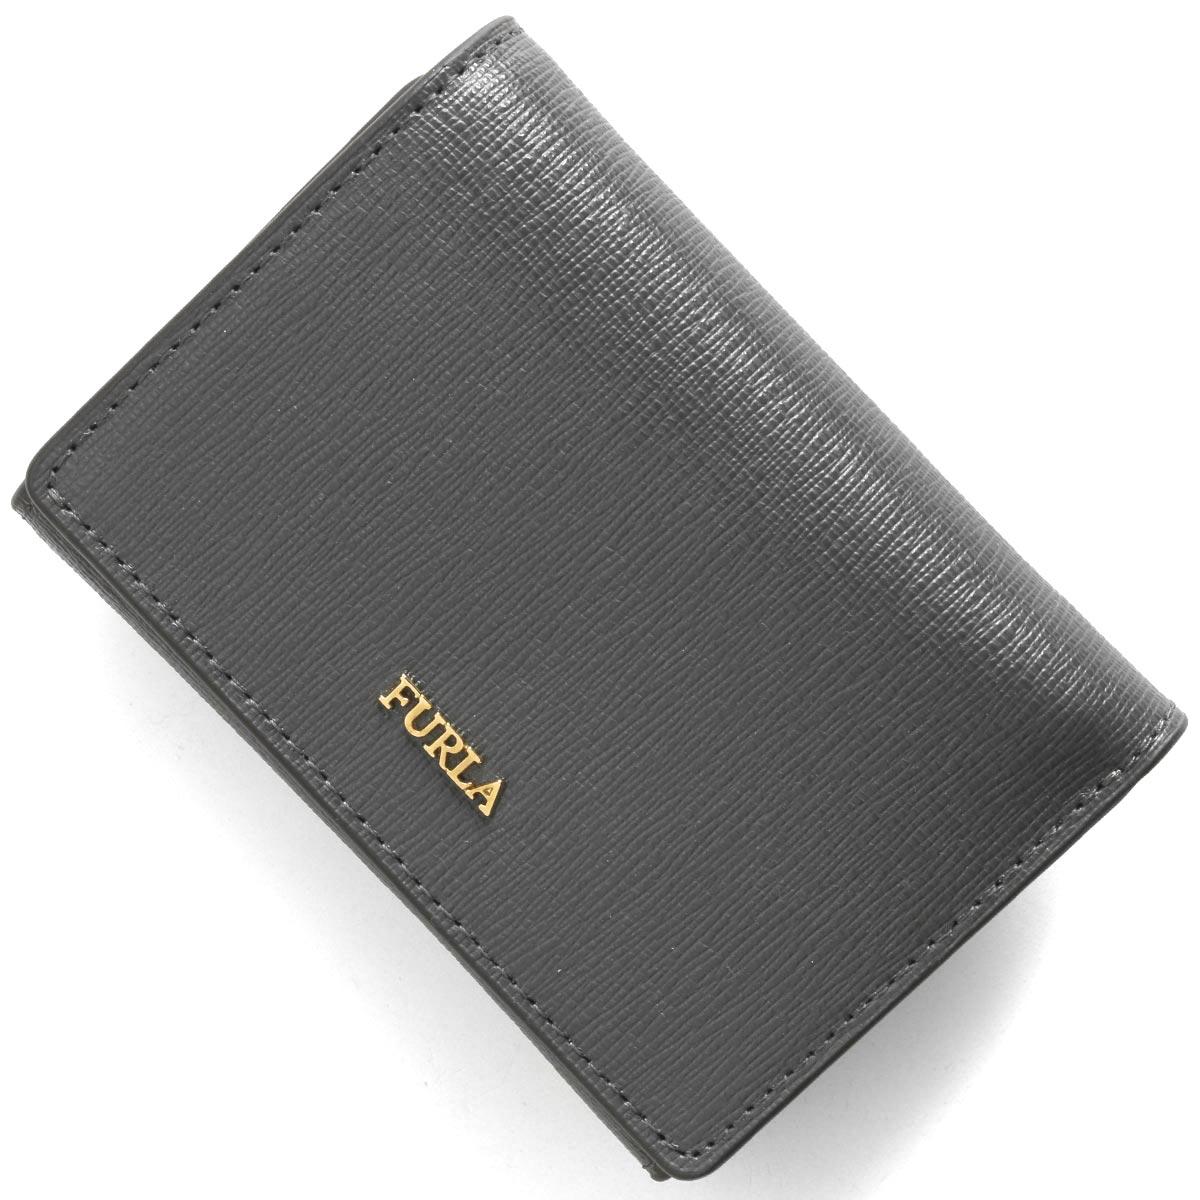 フルラ 三つ折り財布/ミニ財布 財布 レディース バビロン スモール アスファルトグレー PBP2 B30 G1R 1033350 FURLA